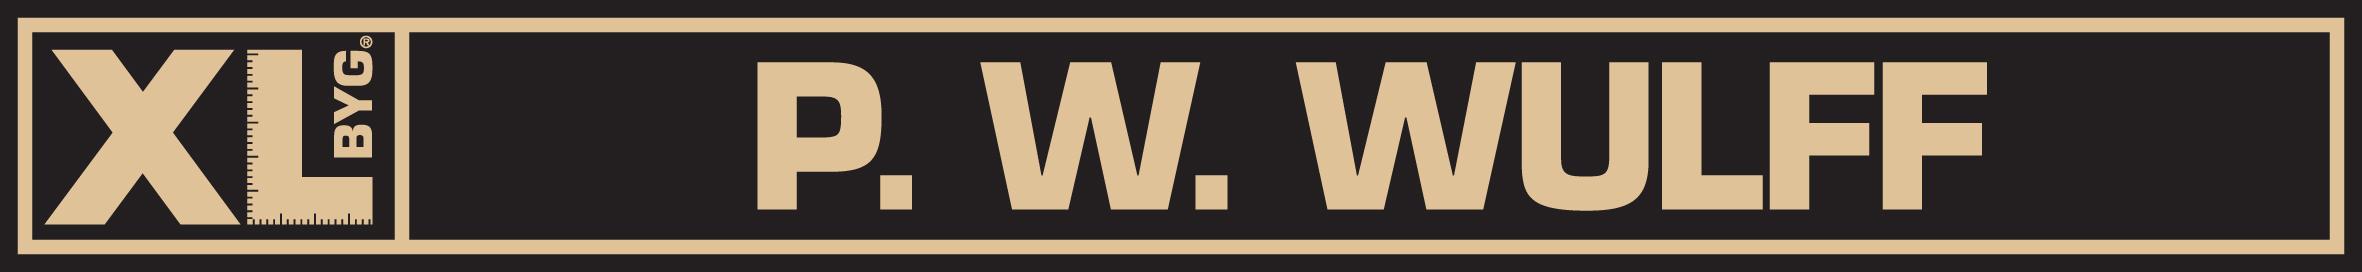 PW-logo2012-300ppi